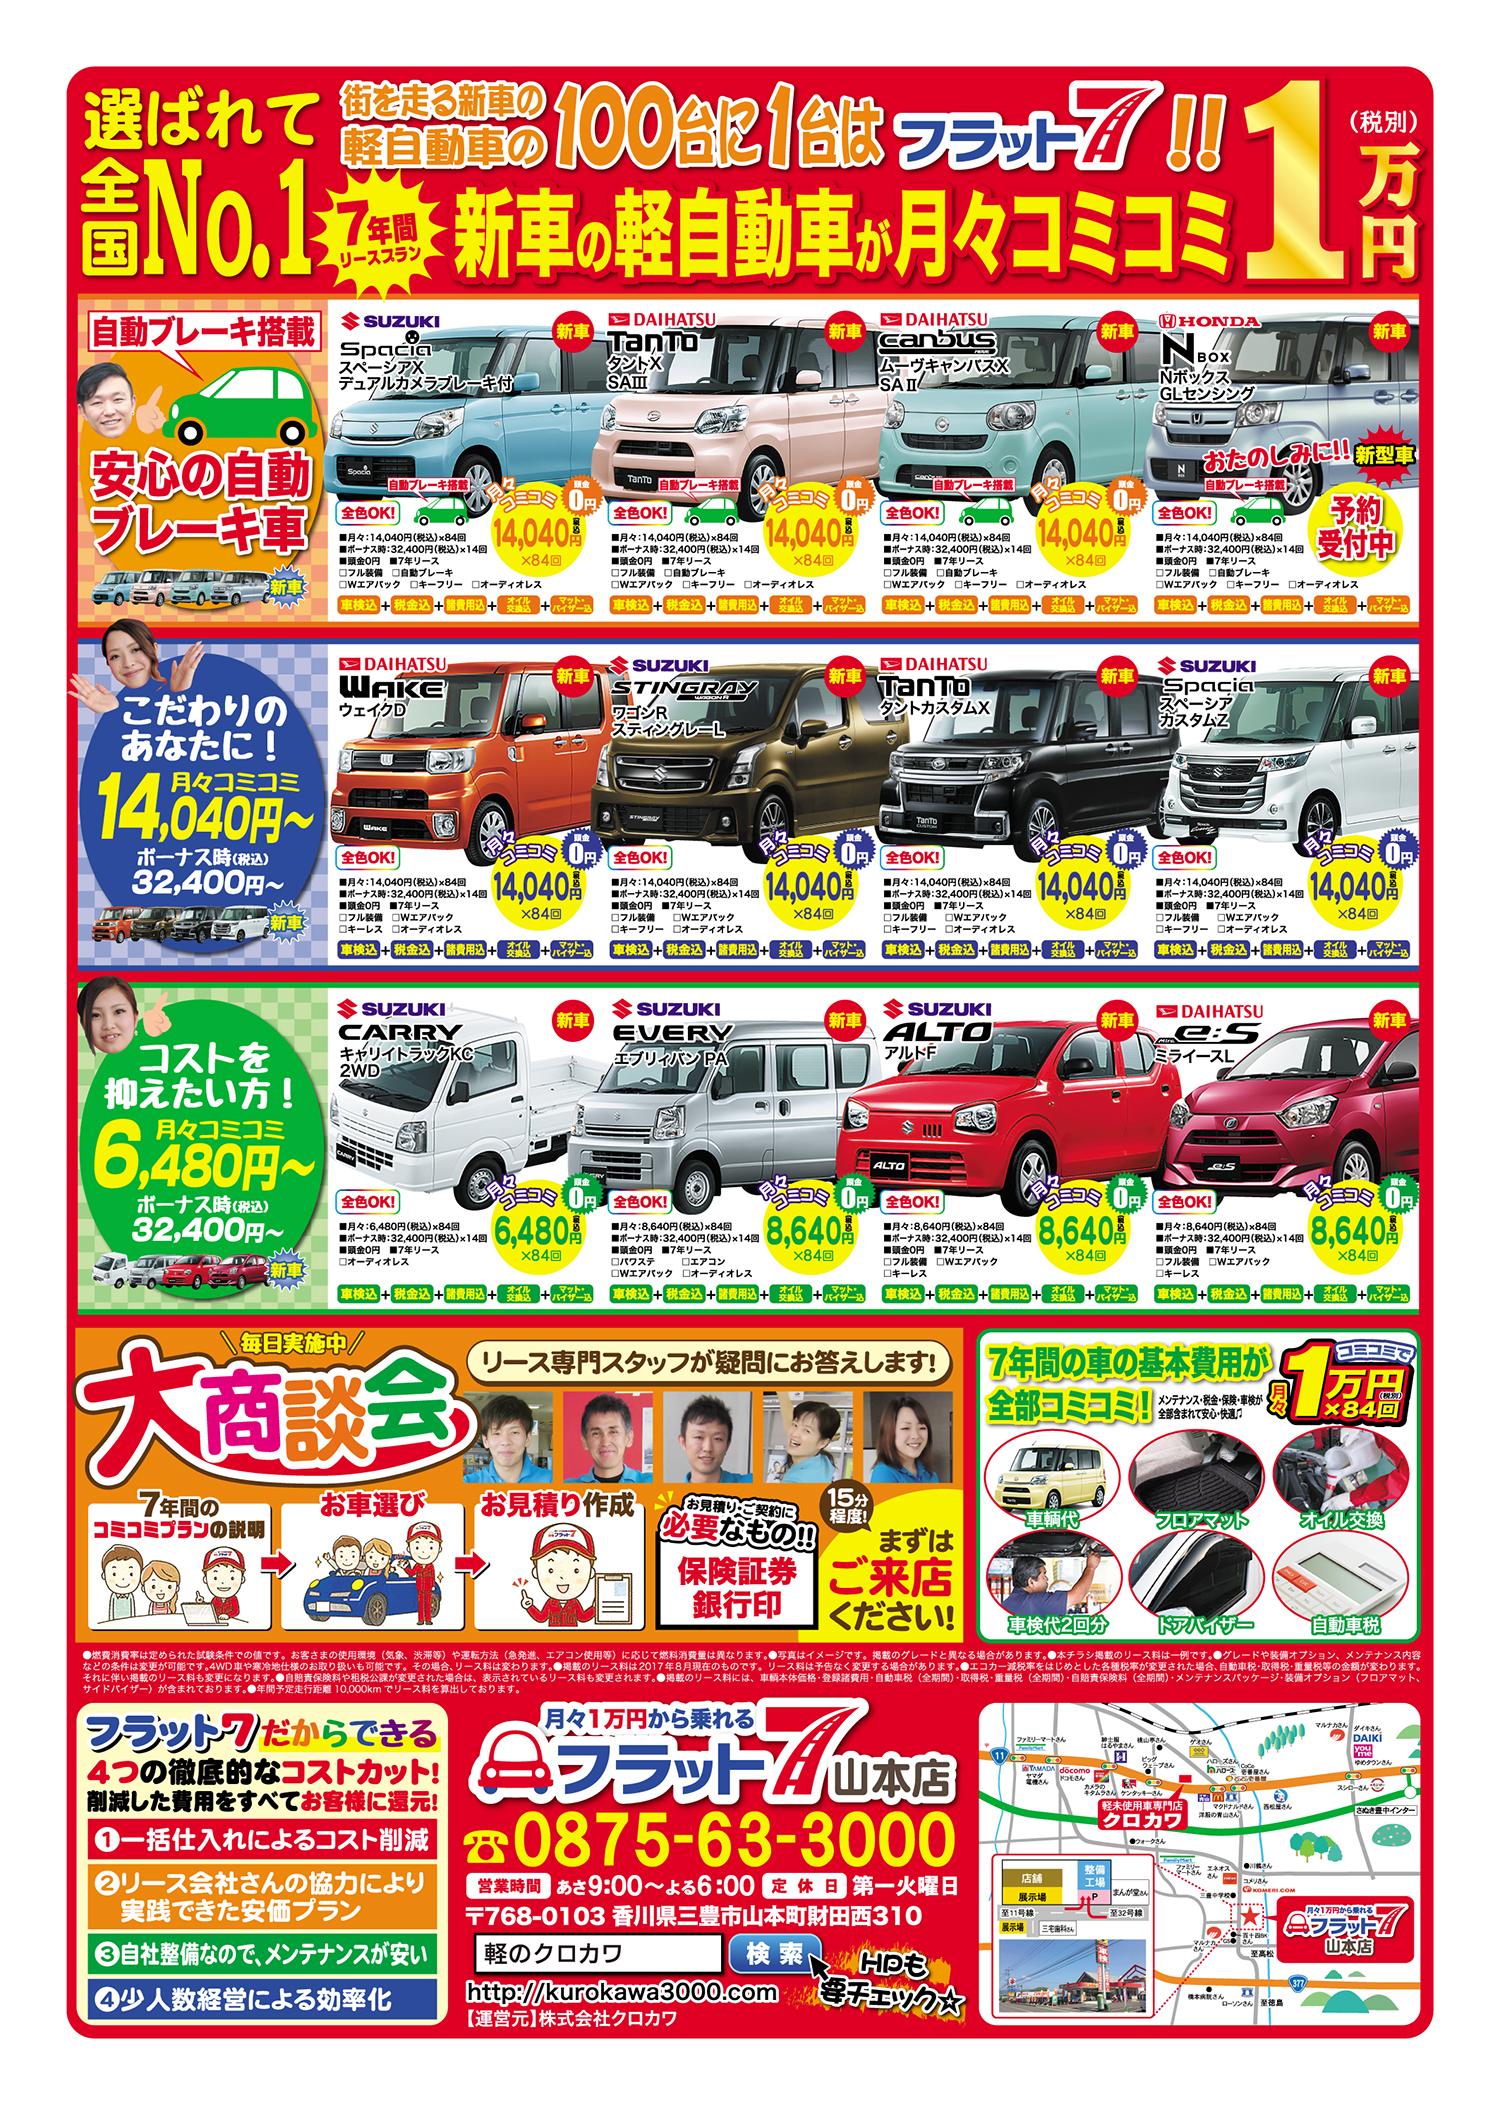 夏の大商談会!新車が月々1万円から?!